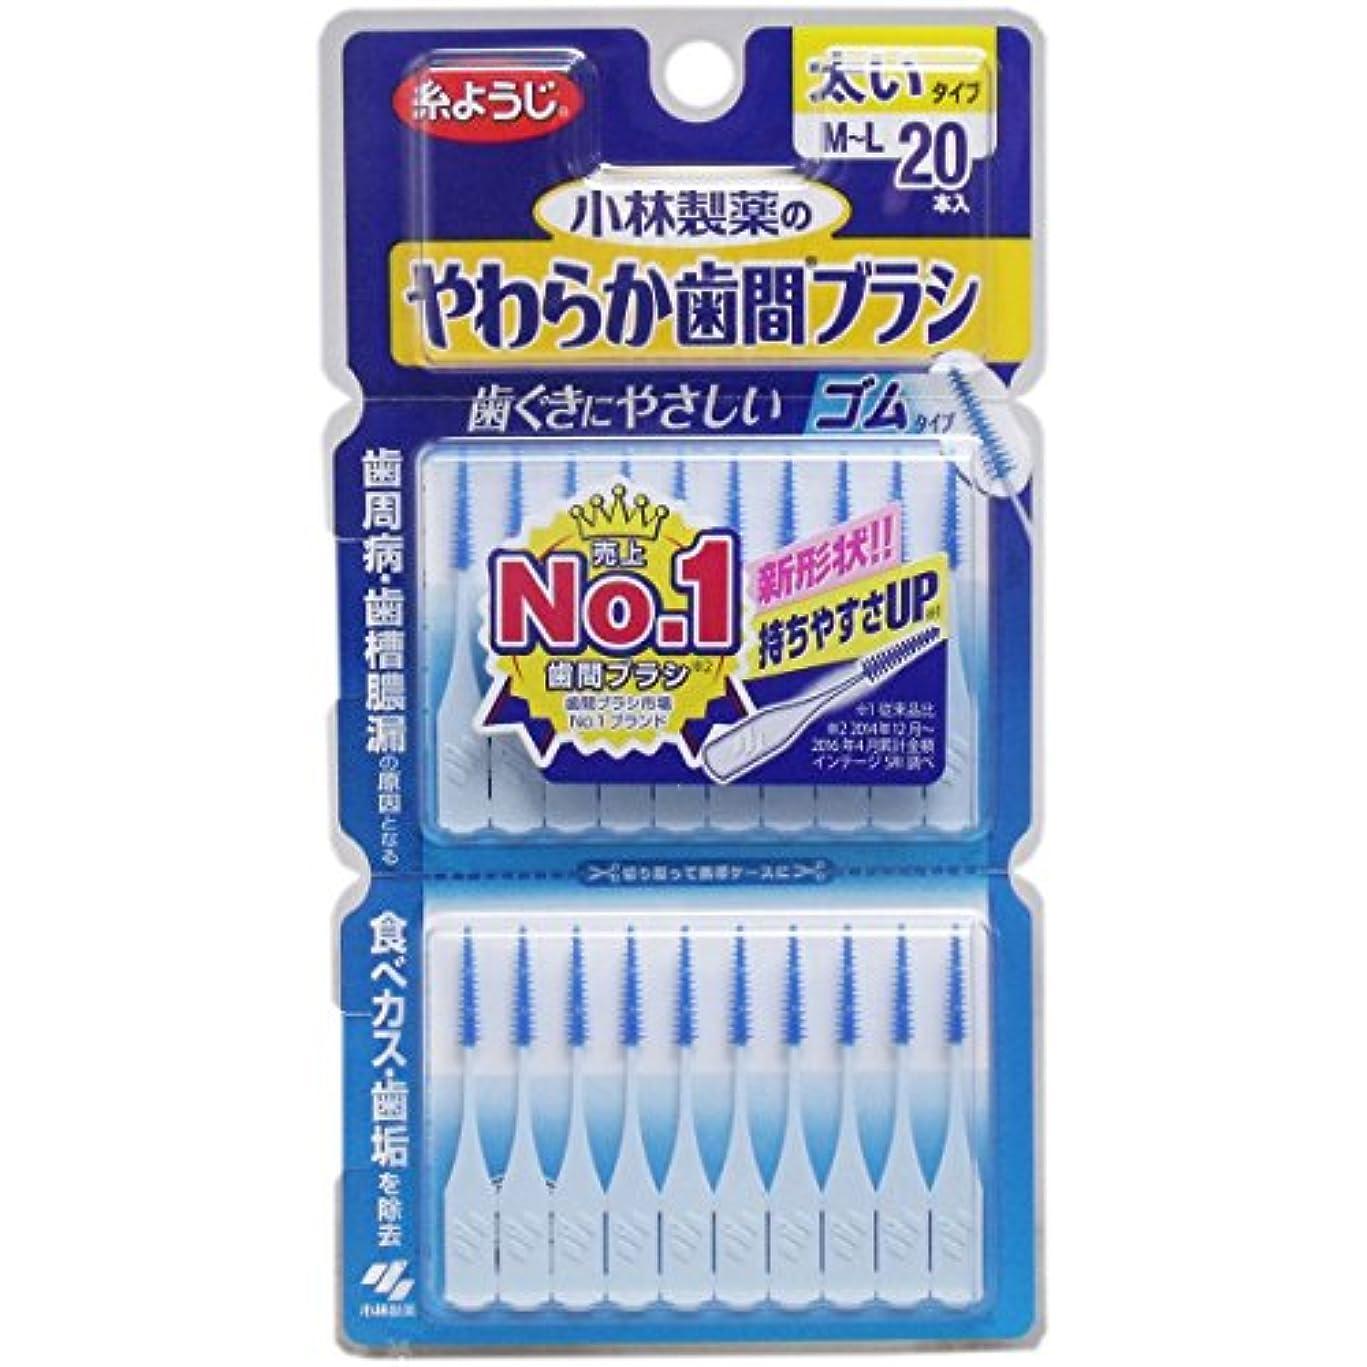 不正確ムス苛性やわらか歯間ブラシ 太いタイプ M-Lサイズ 20本 ×2セット